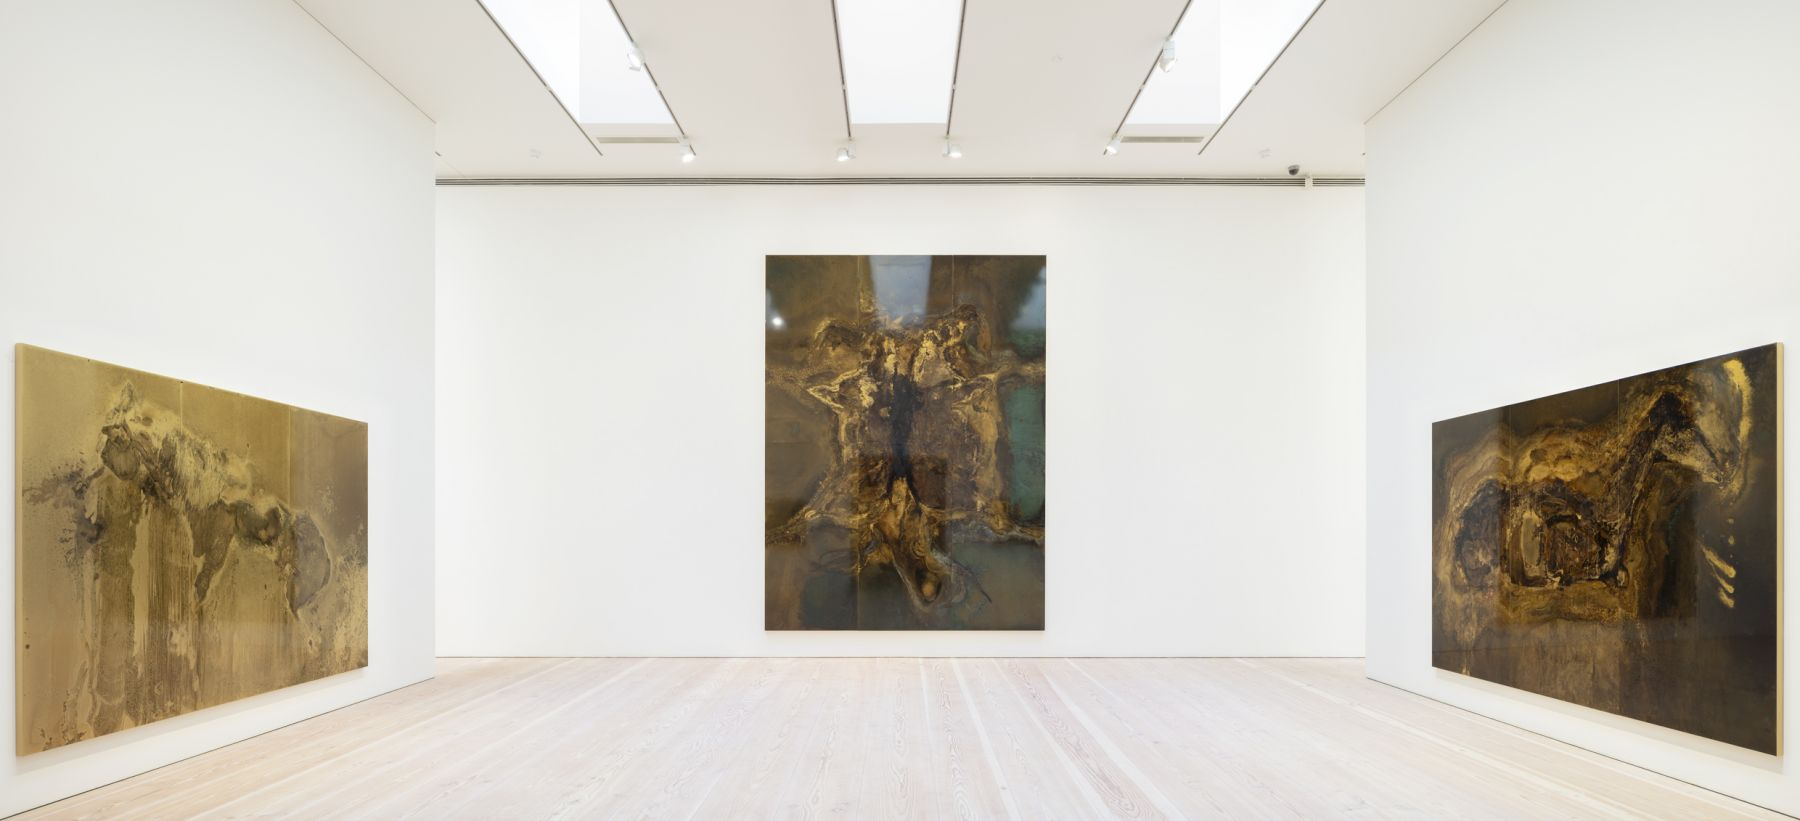 Toni R. Toivonen installation view